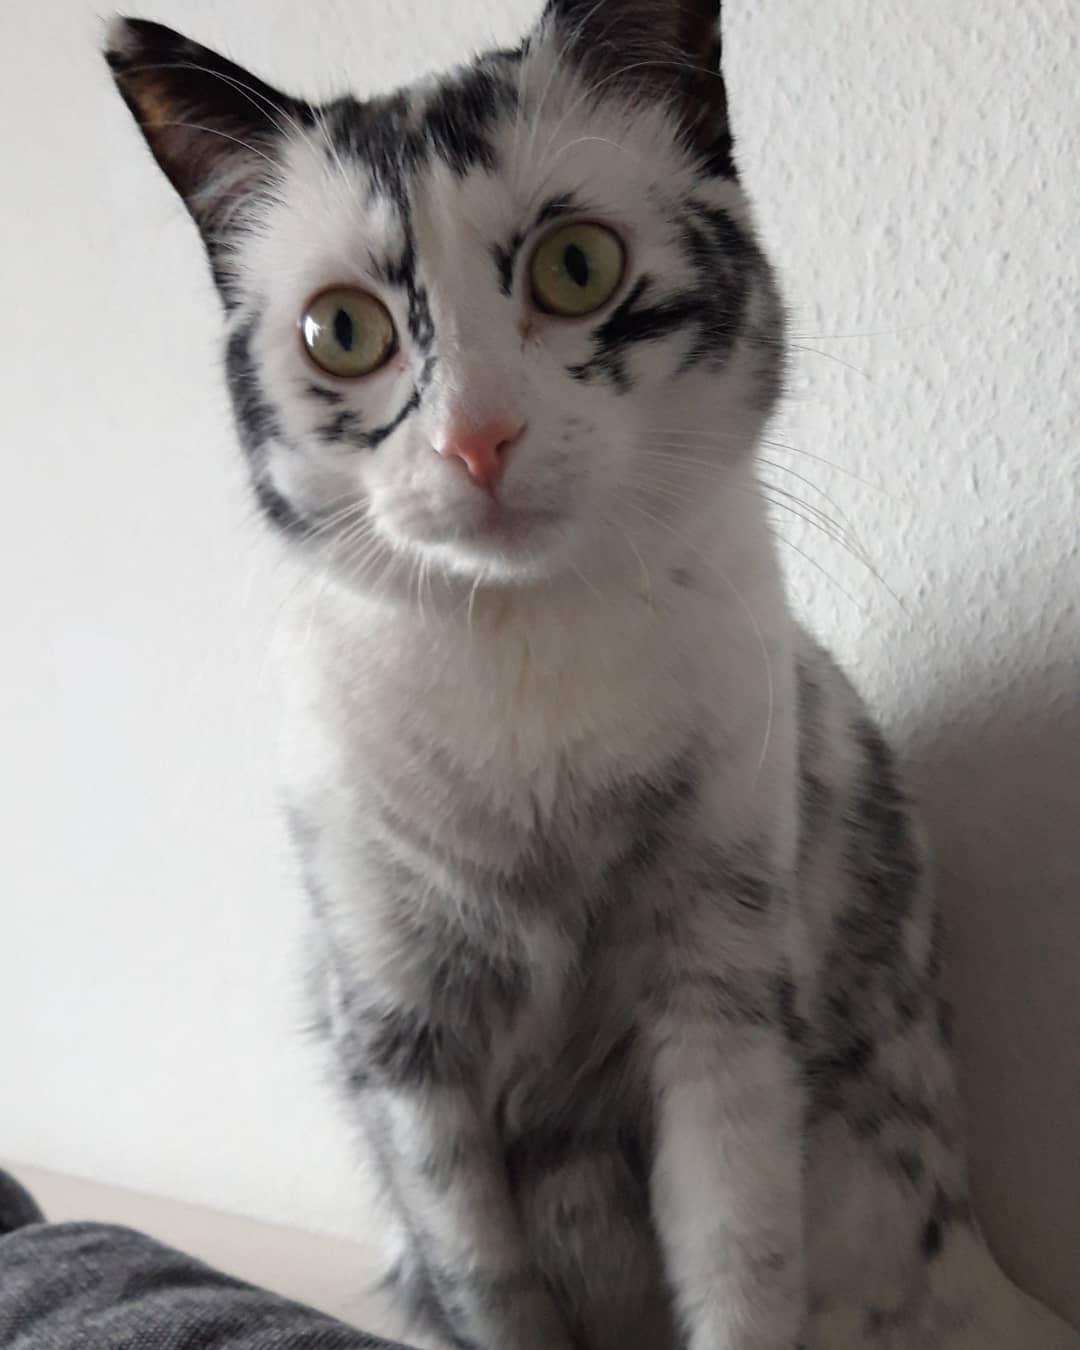 50873122 176789726622051 3262037442931262701 n - Немка нашла двух чёрно-белых кошек и взяла их себе. Но через пару месяцев одна из них начала белеть